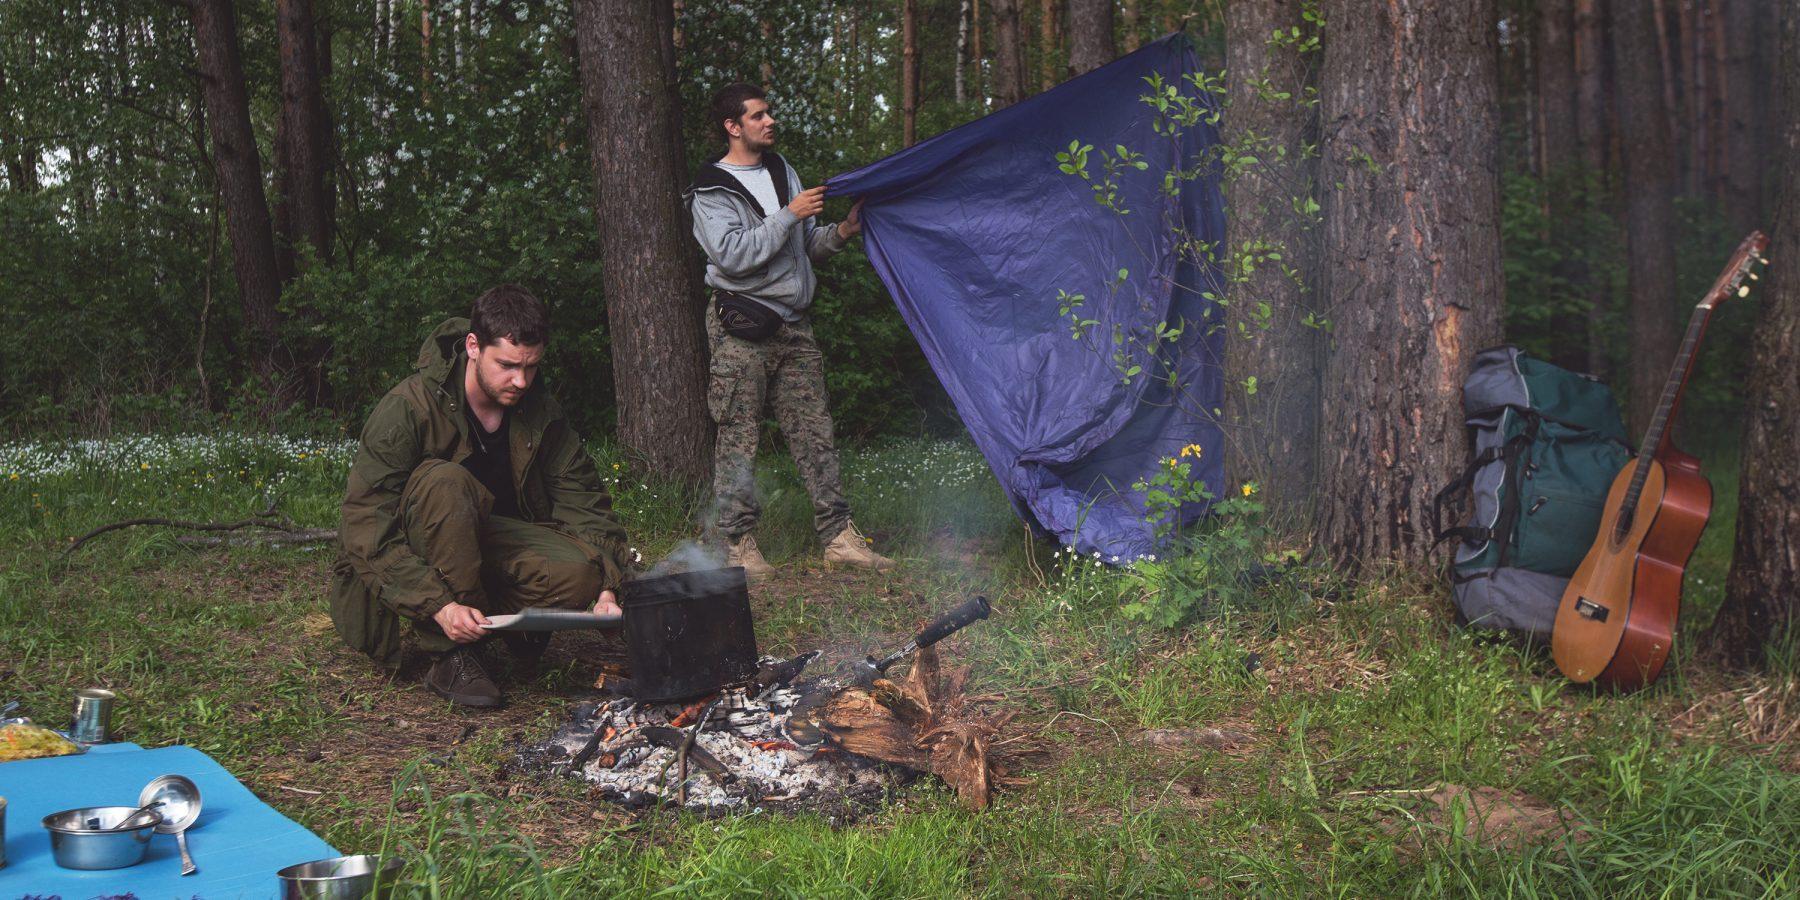 Друзья раскидывают походный лагерь влесу.